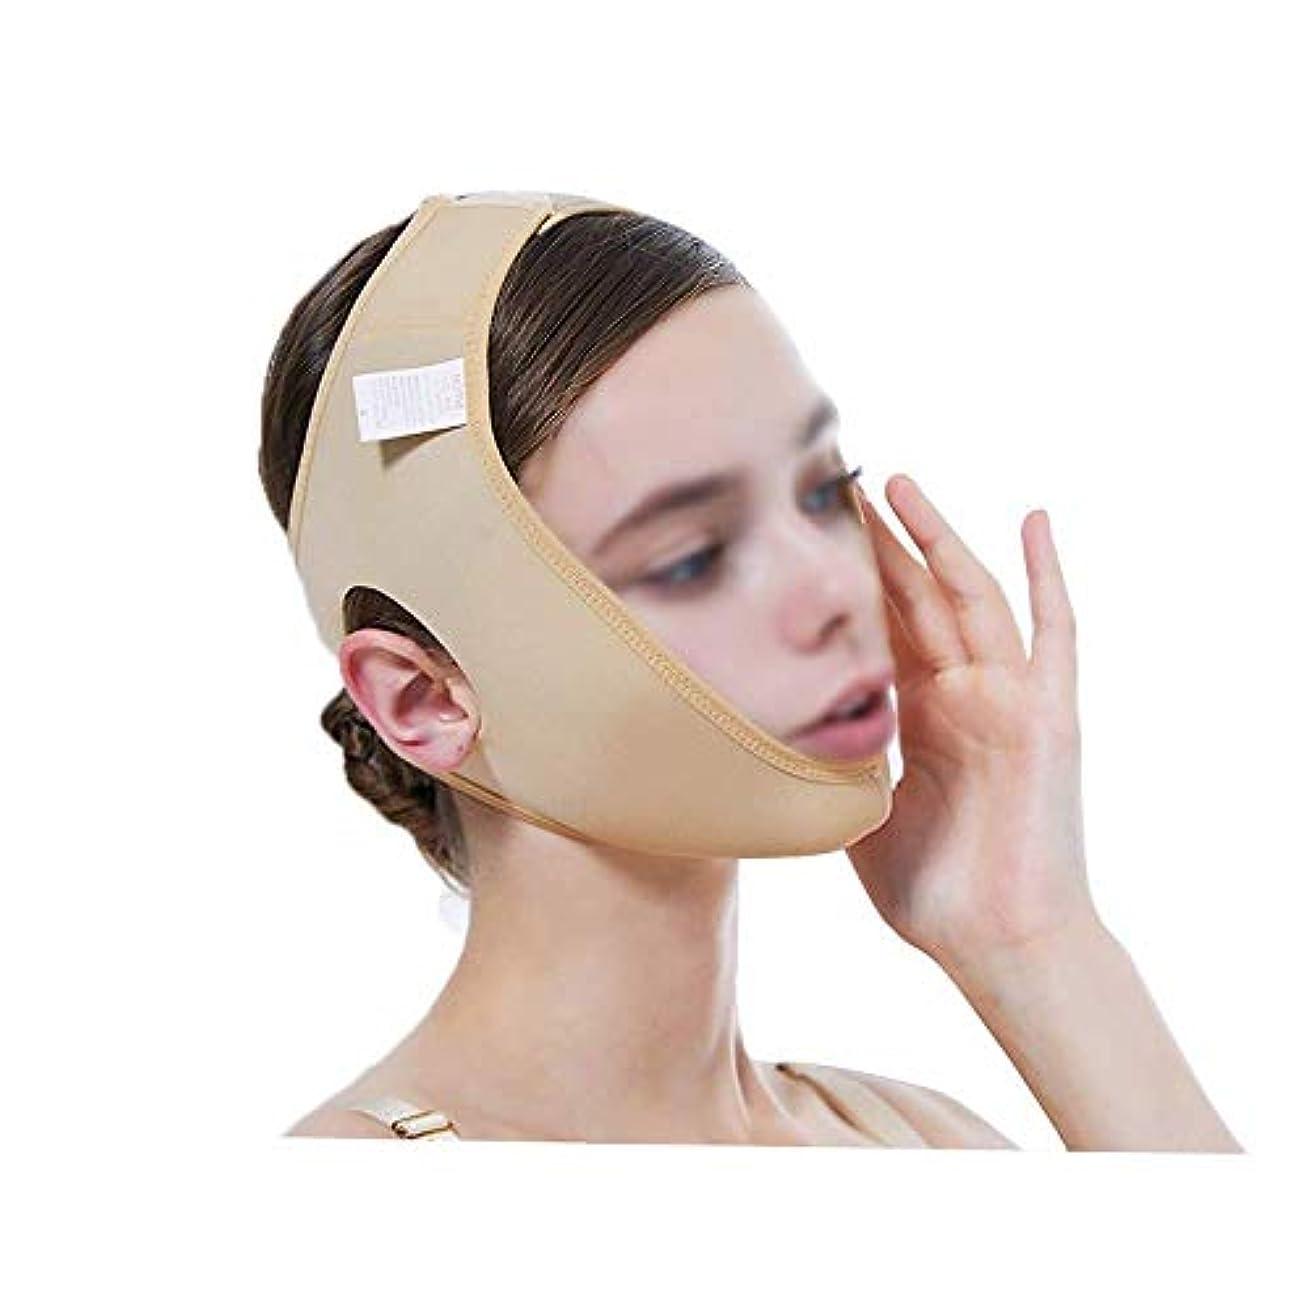 モニター個人的な拡散するフェイスアンドネックリフト、減量ポストヘッドシンダブルチンアーティファクトVフェイスビームフェイスジョーセットフェイスマスク(サイズ:XXL)